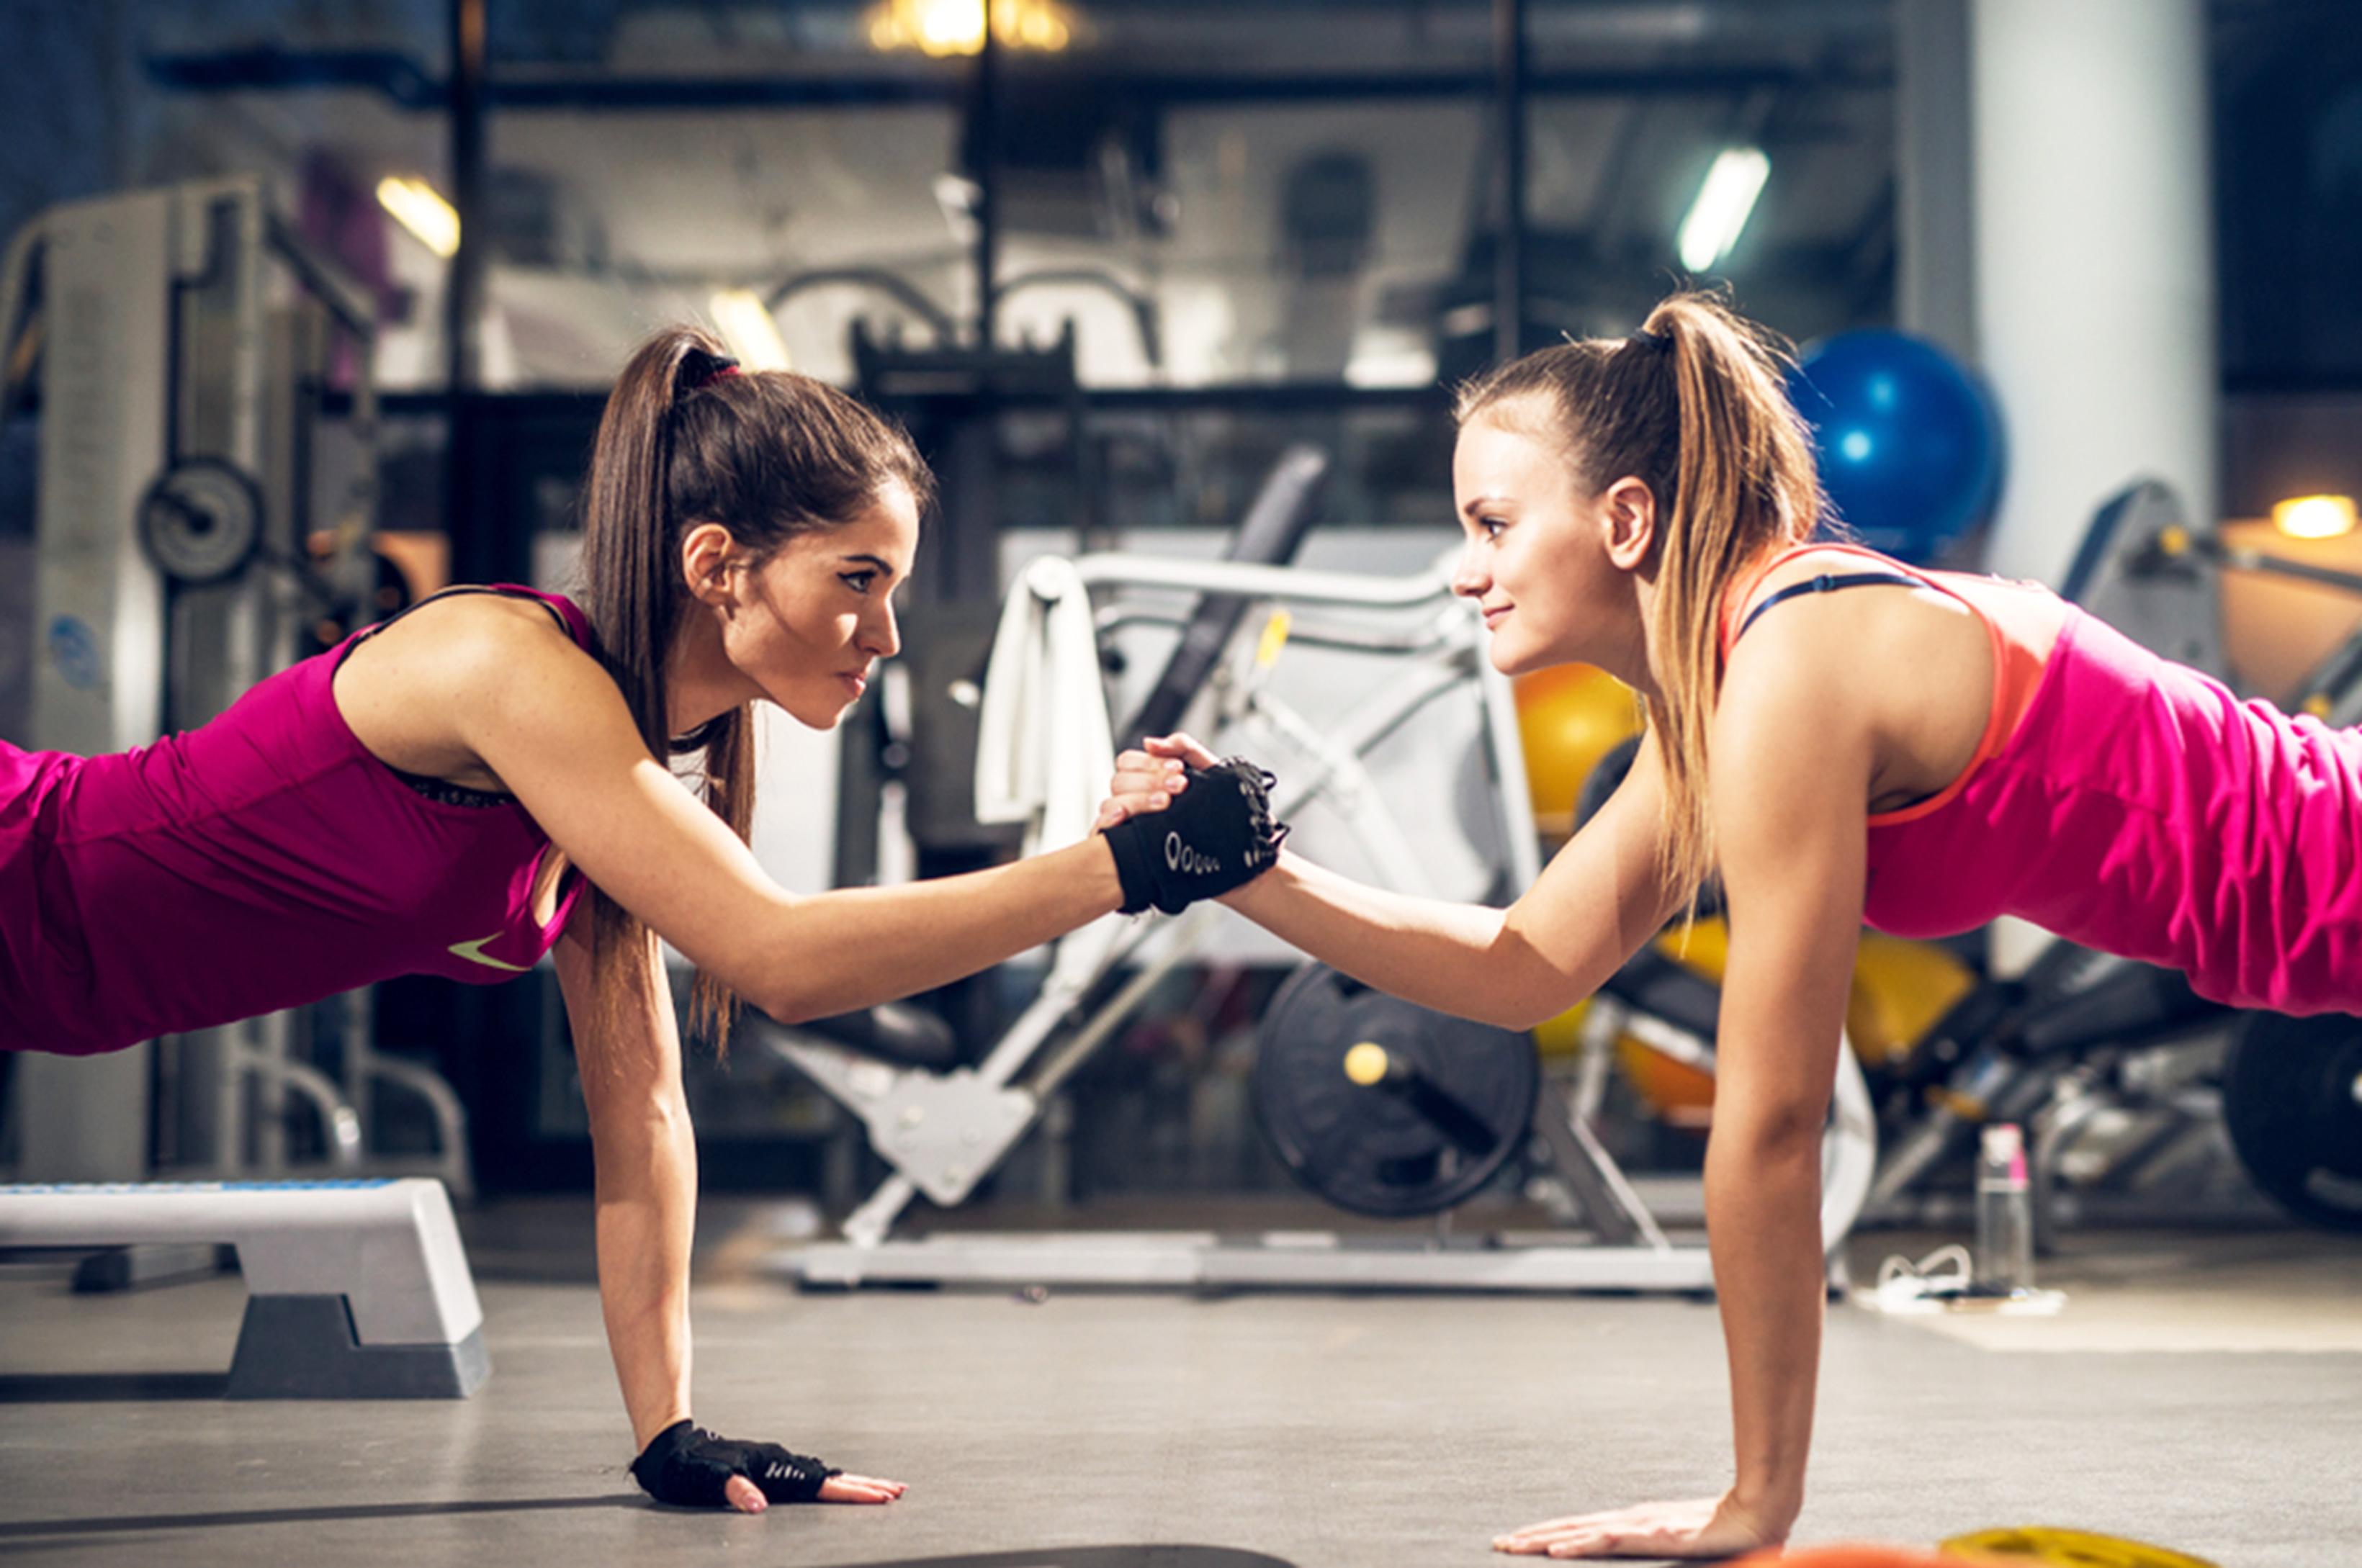 ジムでトレーニングをする女性2人